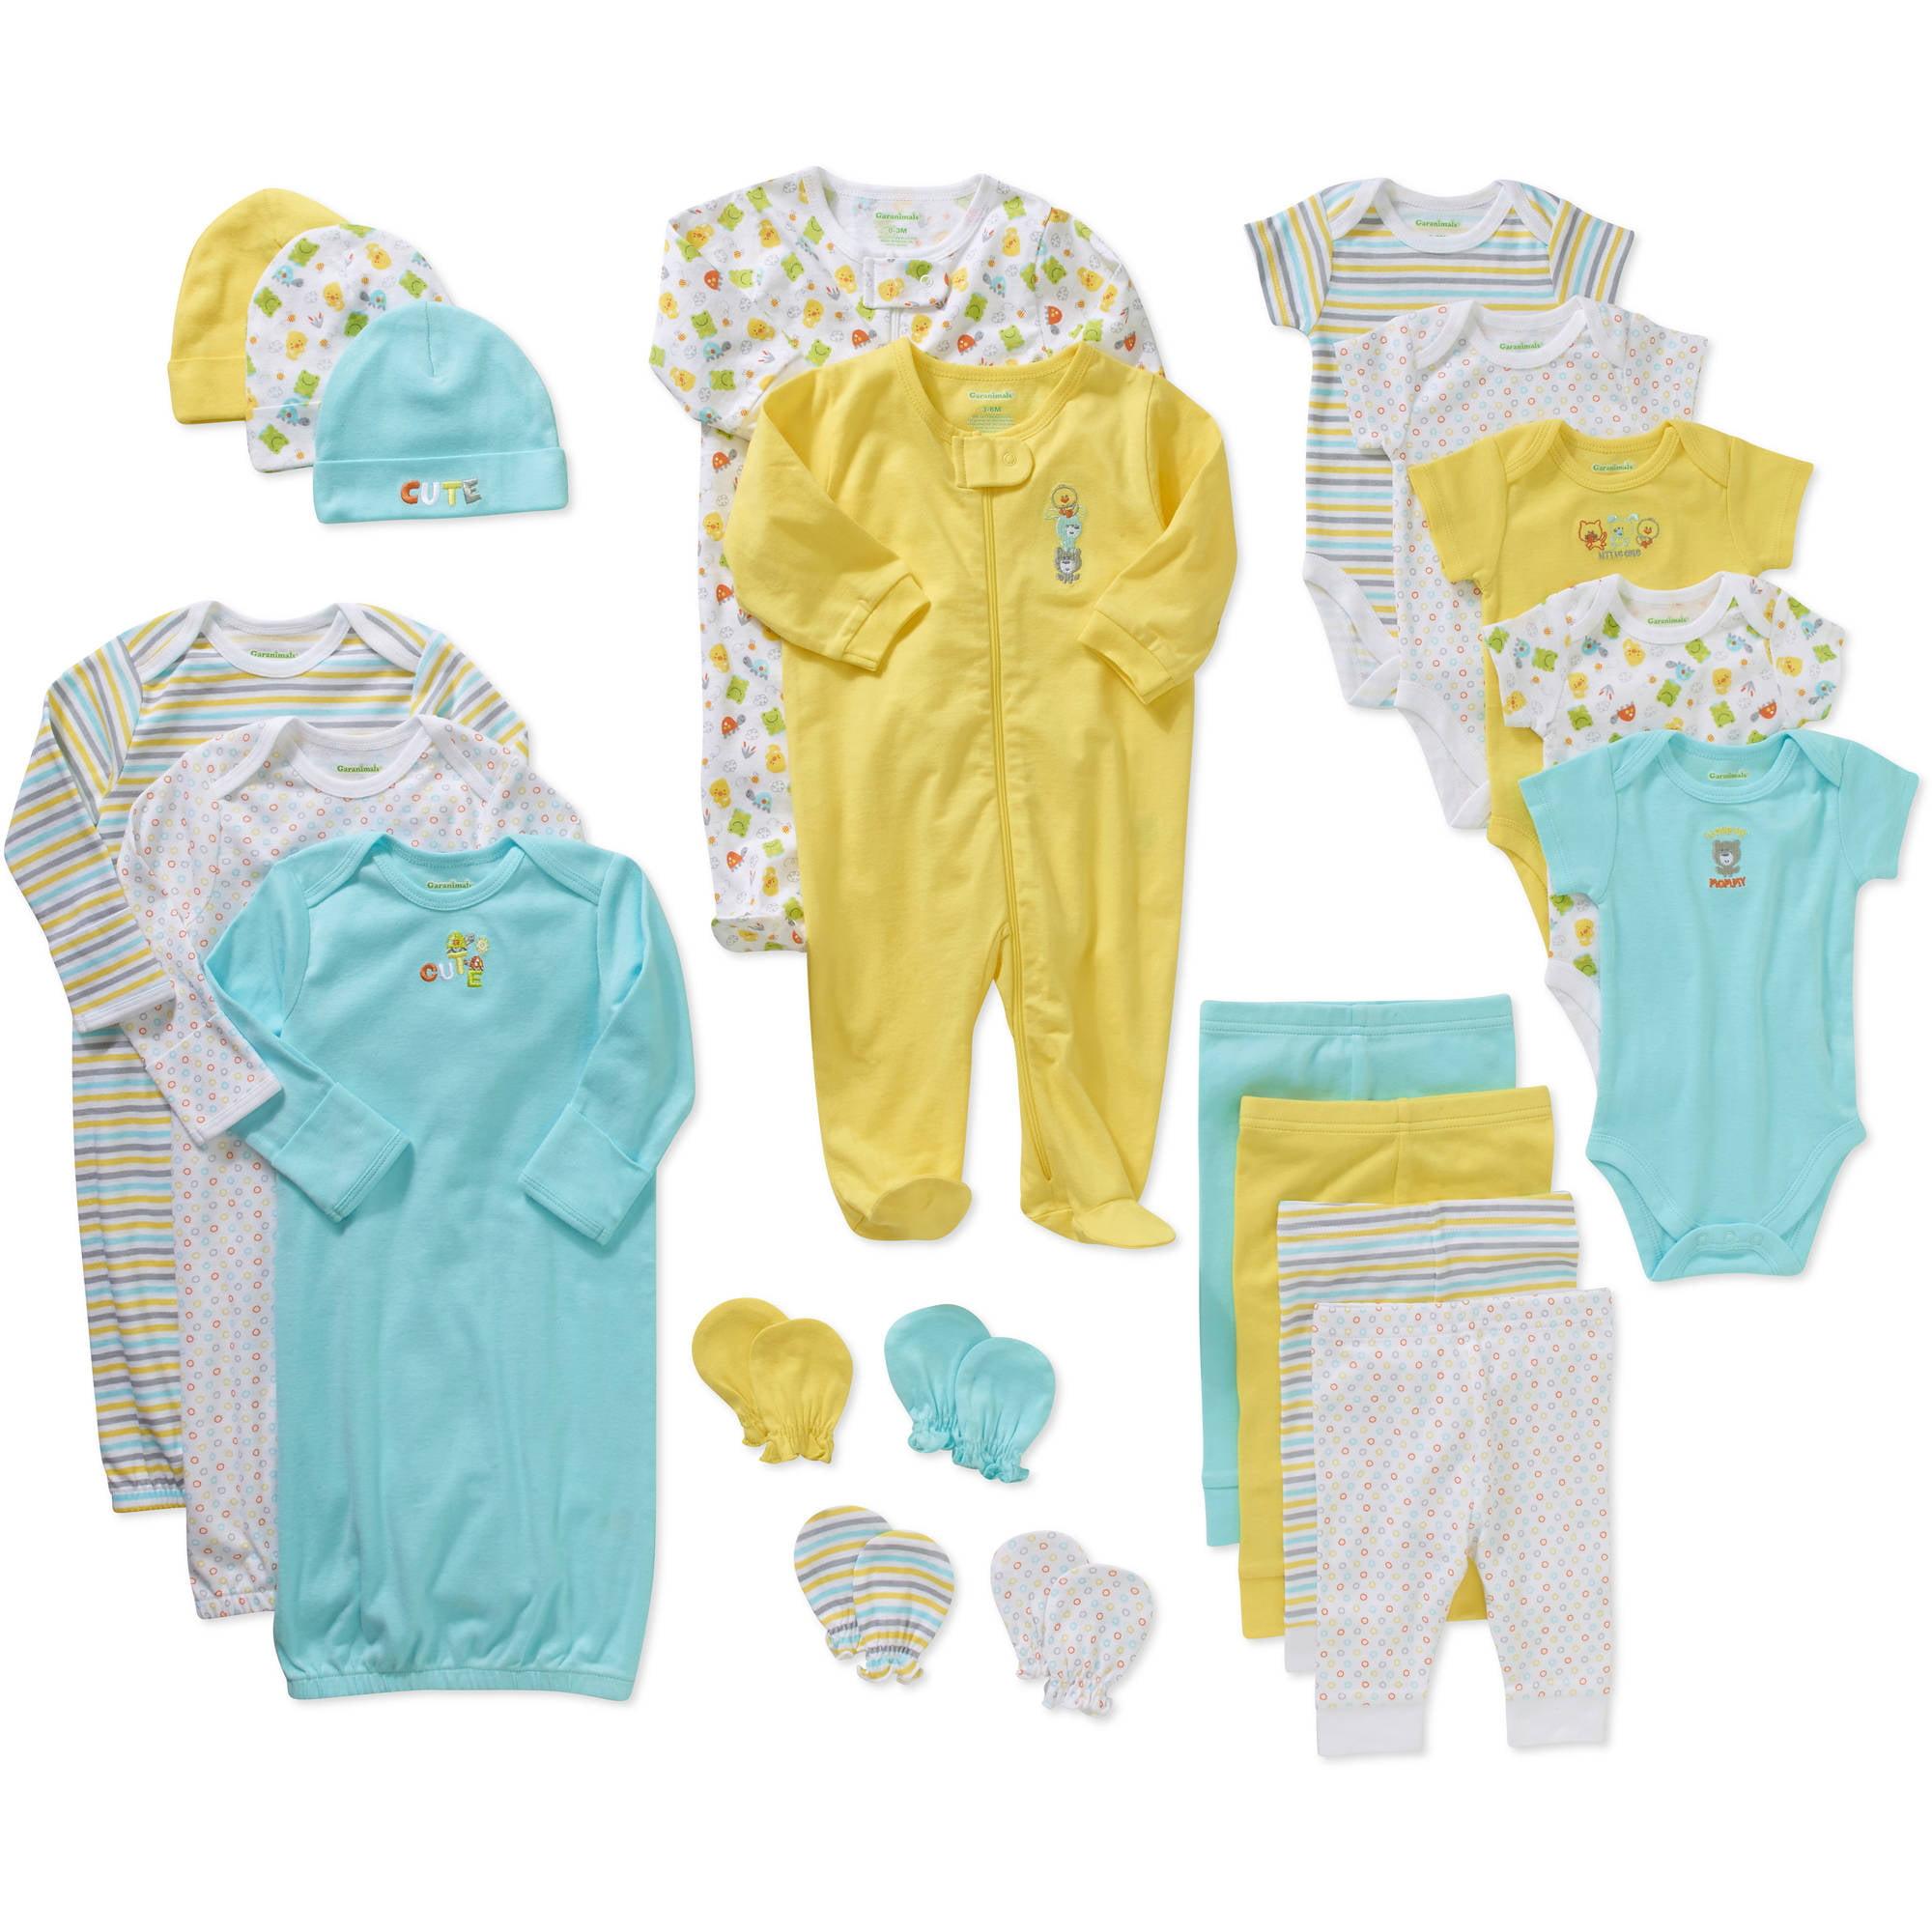 Garanimals Unisex 21 Piece Layette Baby Shower Gift Set